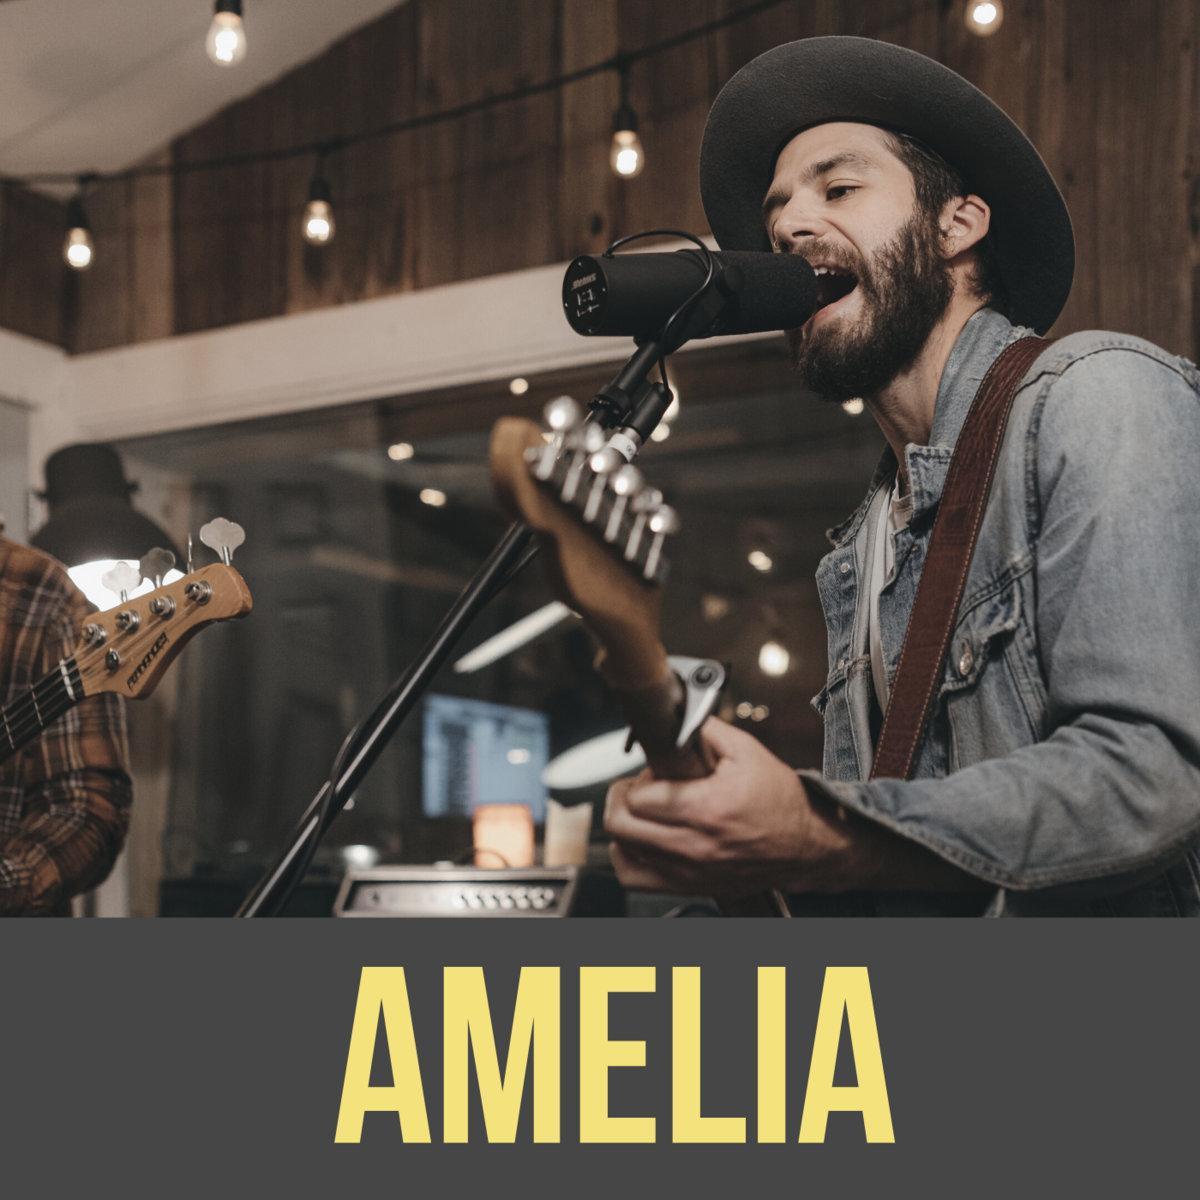 Amelia by Kyler Pierce